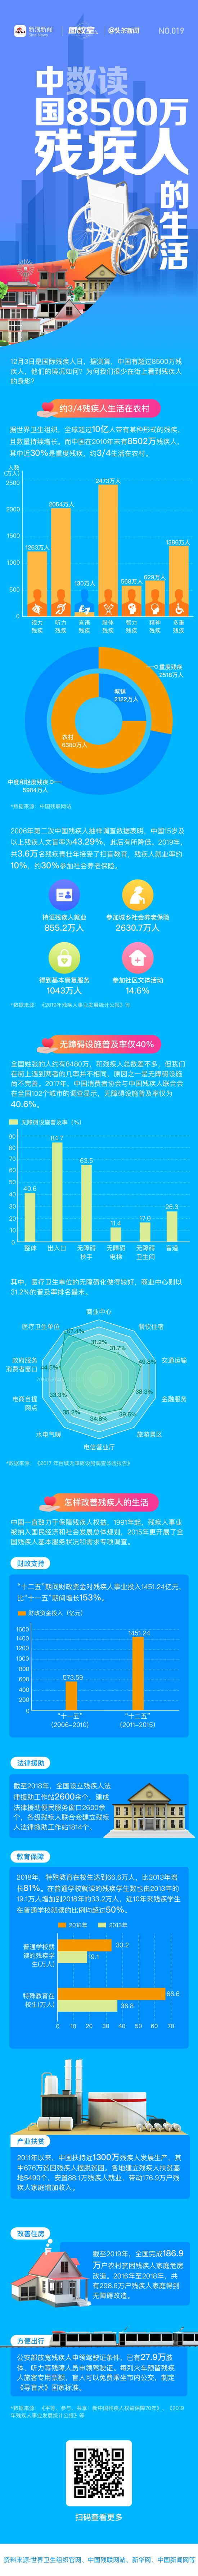 数读:中国8500万残疾人的生活丨图数室